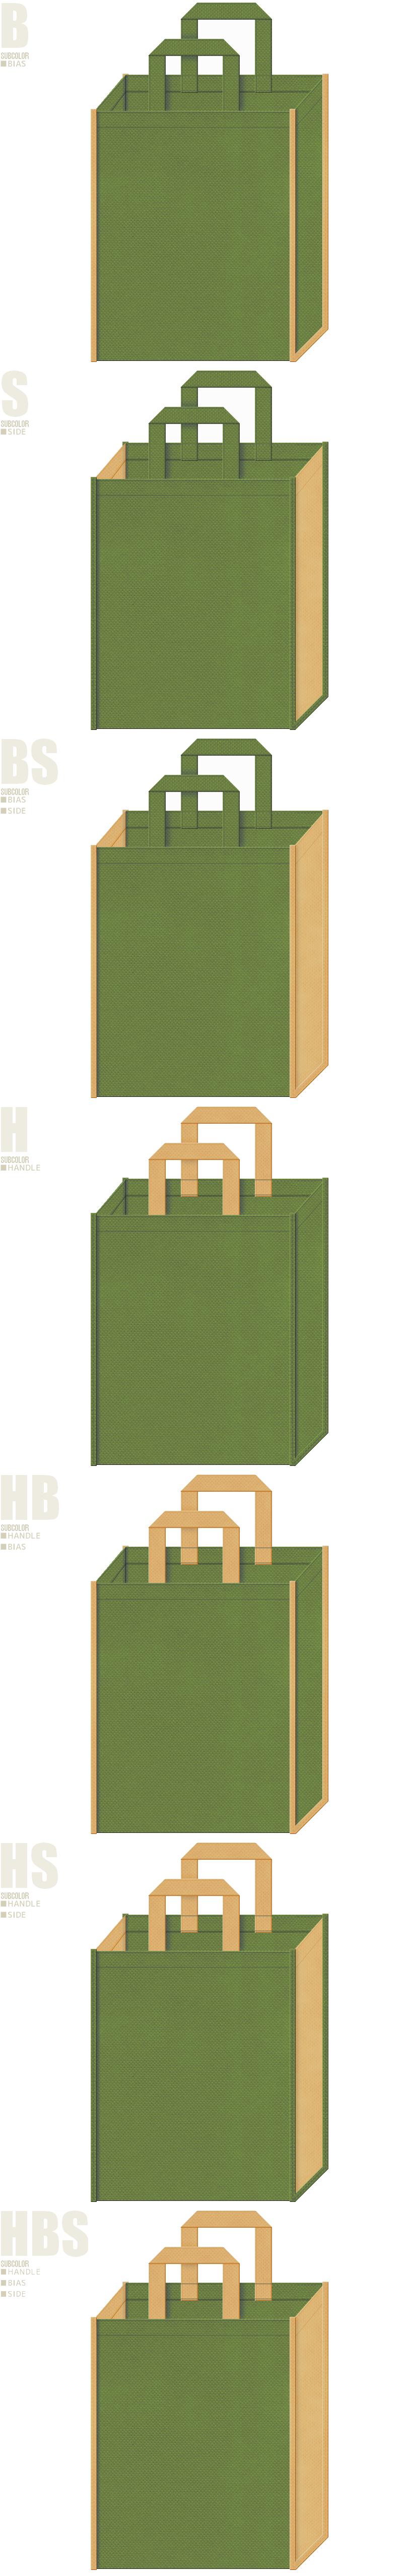 檜・畳・和室・旅館・もなか・和菓子・民芸品・竹製品・樽・桶・篭・簾・割烹・和モダン・和風建築の展示会用バッグにお奨めの不織布バッグデザイン:草色と薄黄土色の不織布バッグ配色7パターン。